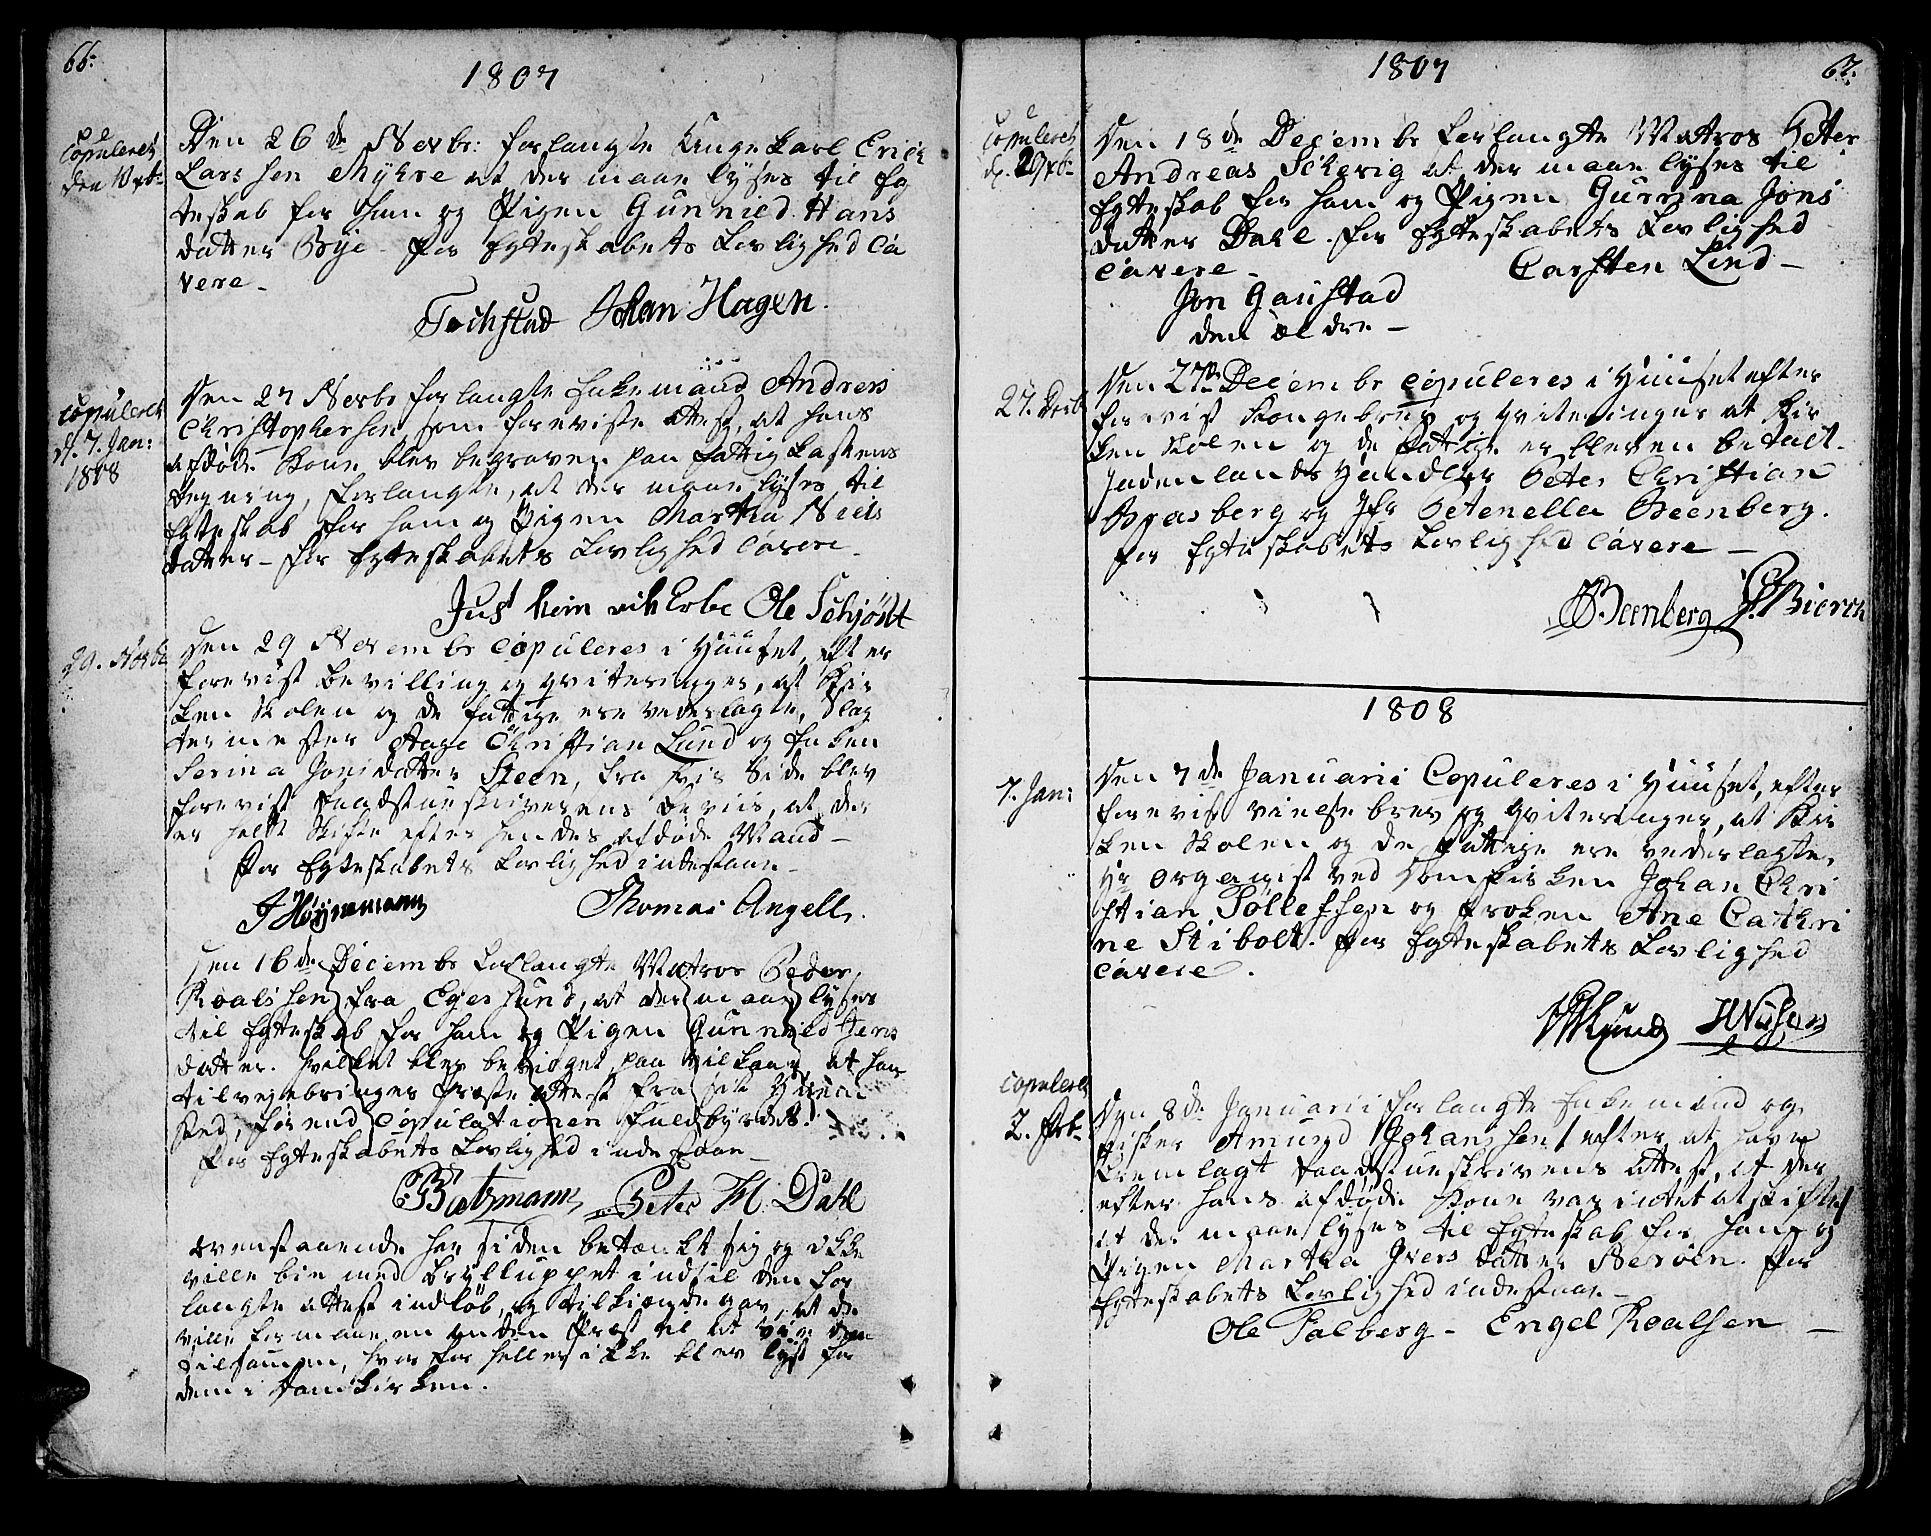 SAT, Ministerialprotokoller, klokkerbøker og fødselsregistre - Sør-Trøndelag, 601/L0042: Ministerialbok nr. 601A10, 1802-1830, s. 66-67